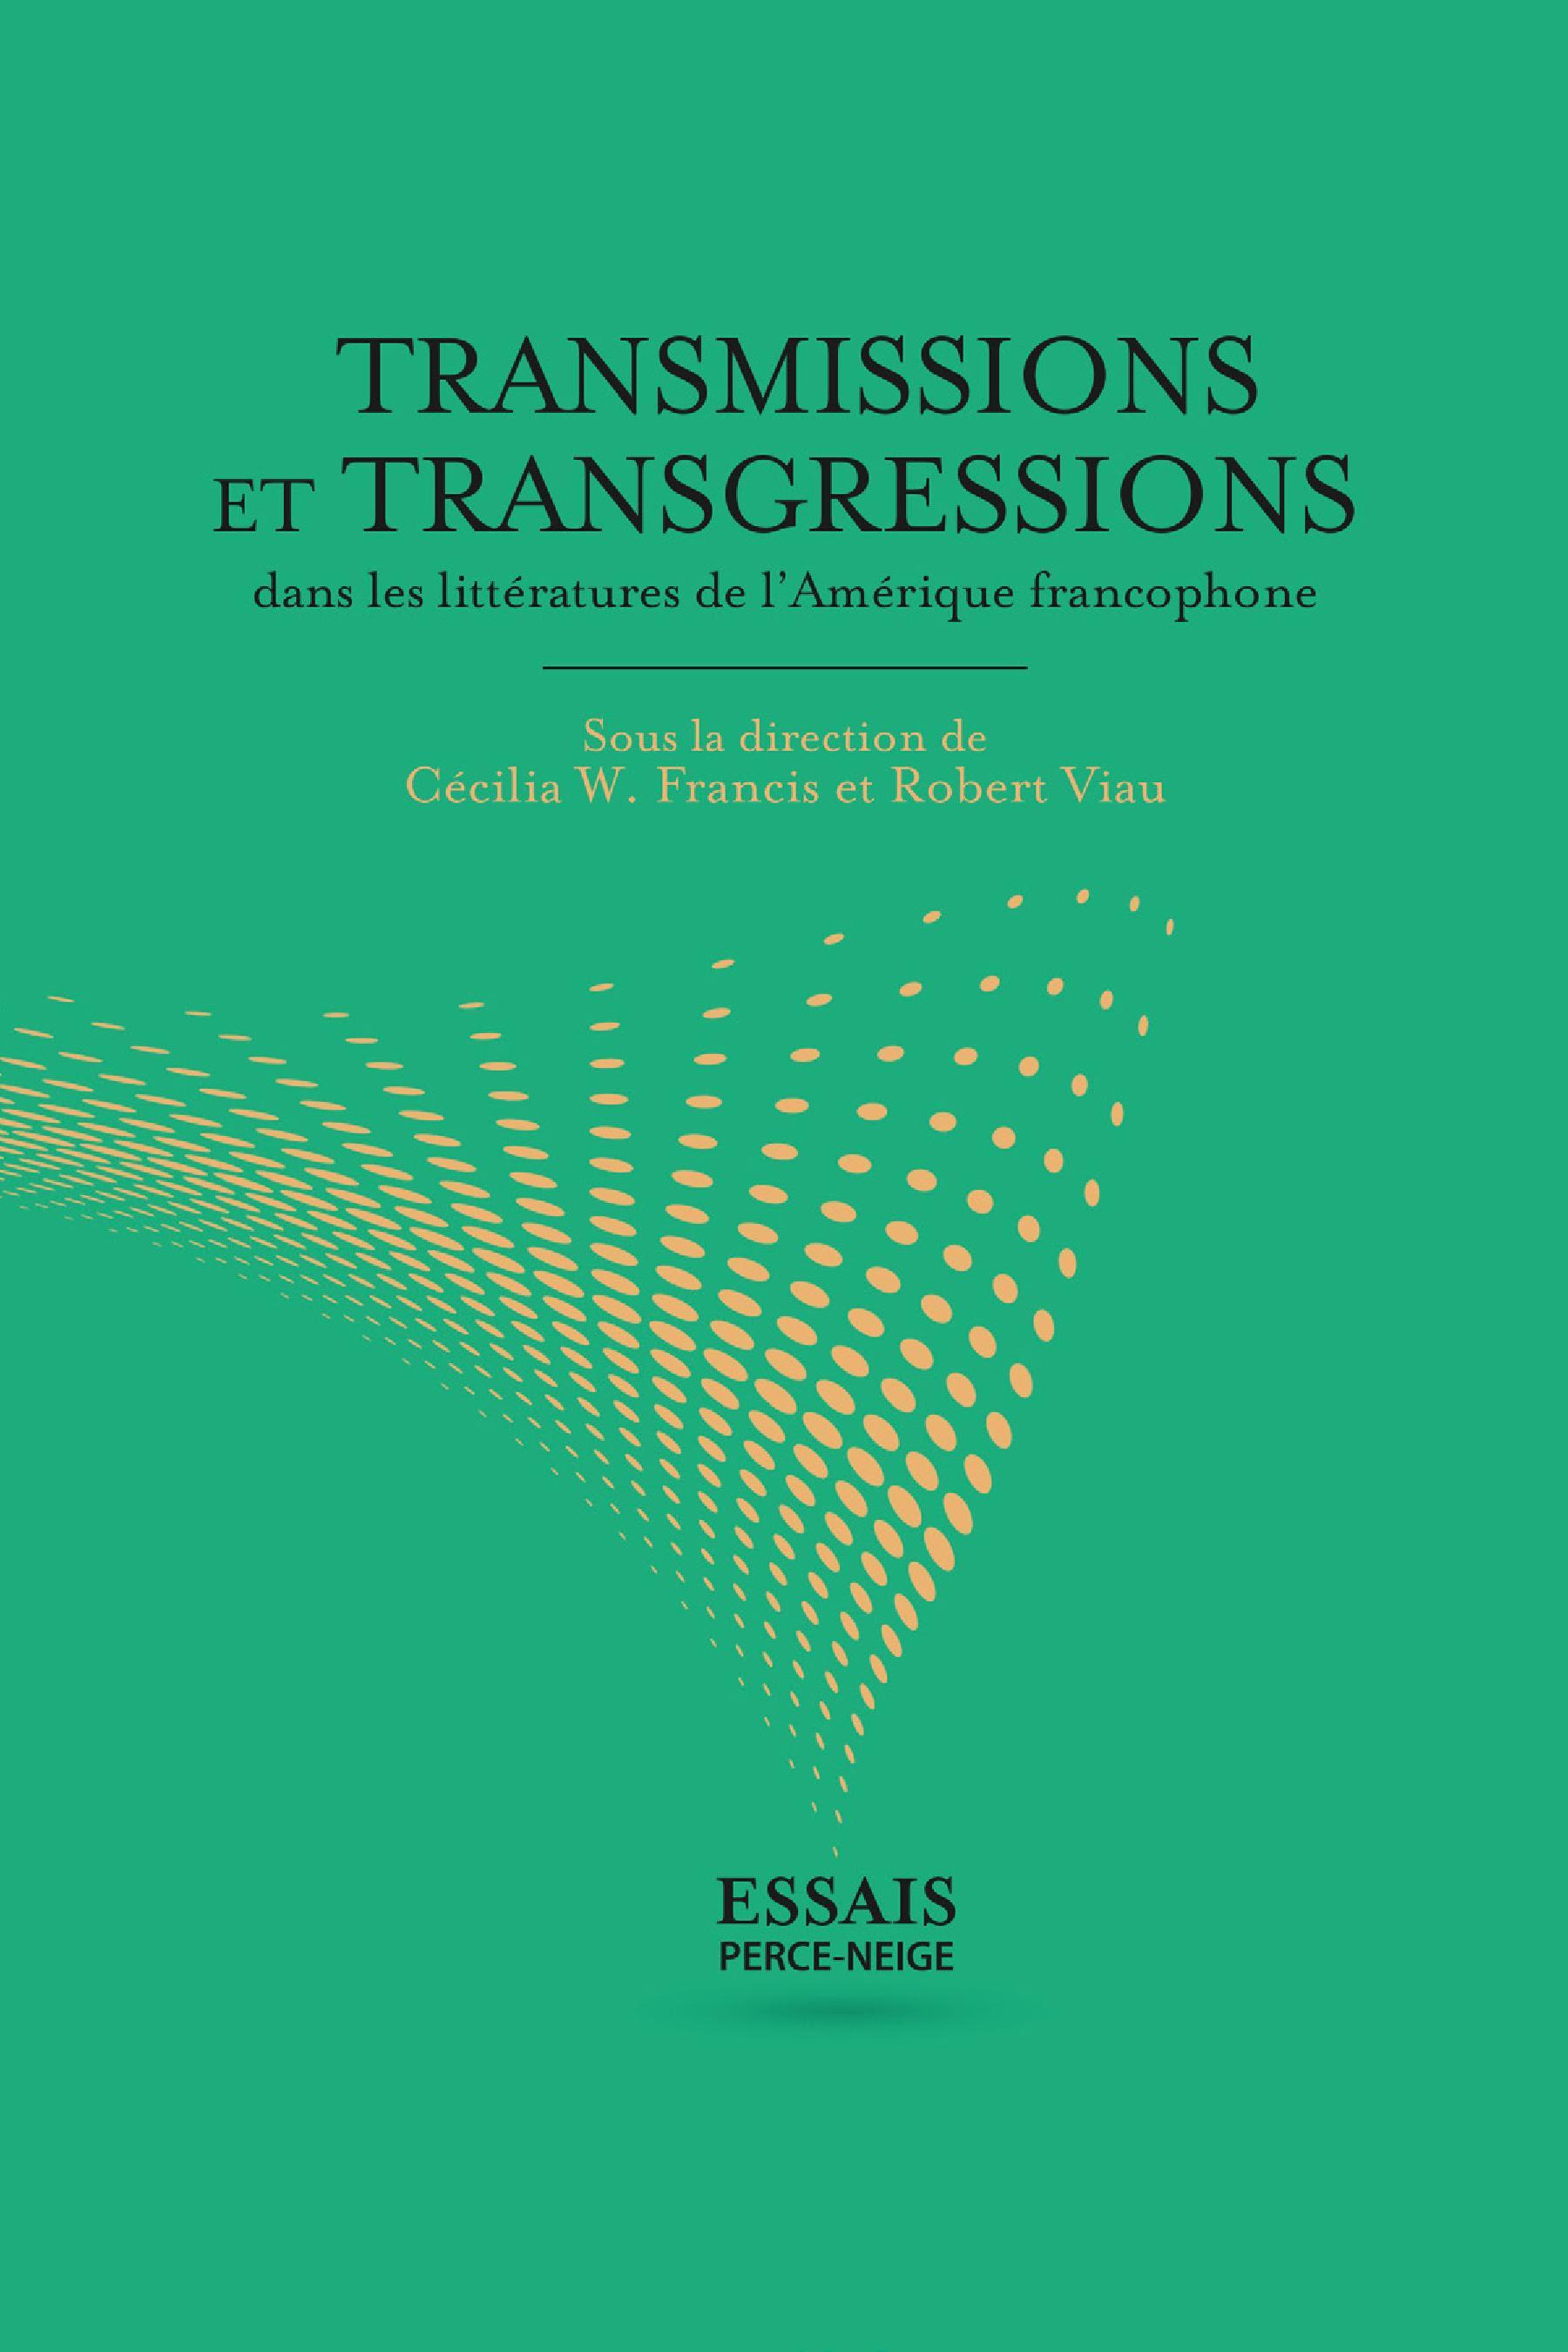 Transmissions et transgressions dans les littératures de l'Amérique francophone